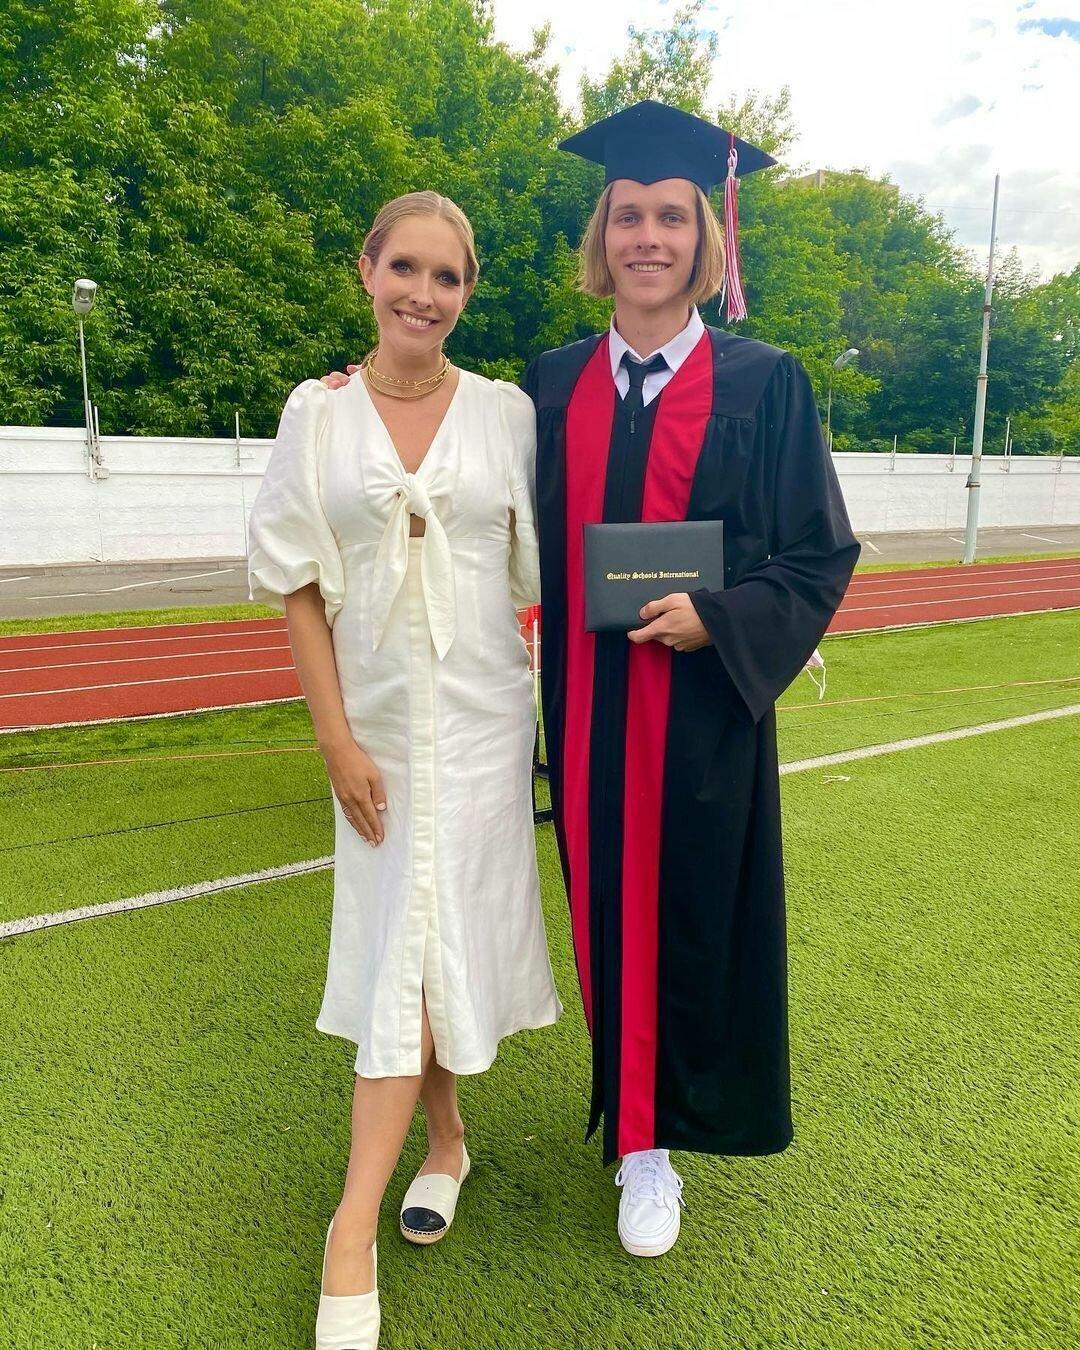 Катя Осадчая позировала на фото со старшим сыном Ильей